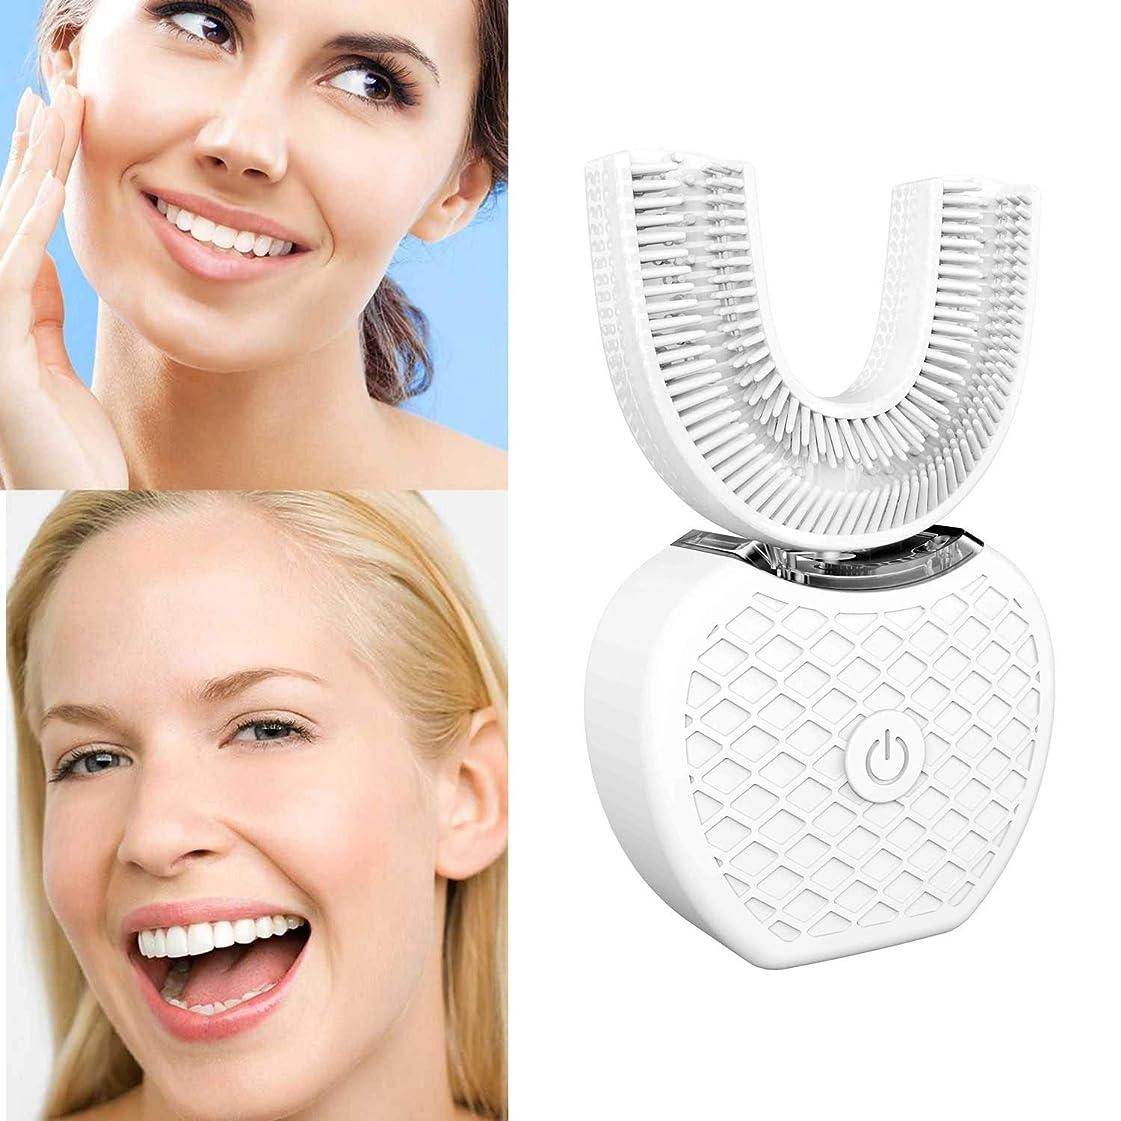 幻影滑り台最後に新しい電動歯ブラシ、V-white 超音波自動歯ブラシ360°包囲清掃歯、より深い清掃 (ホワイト)